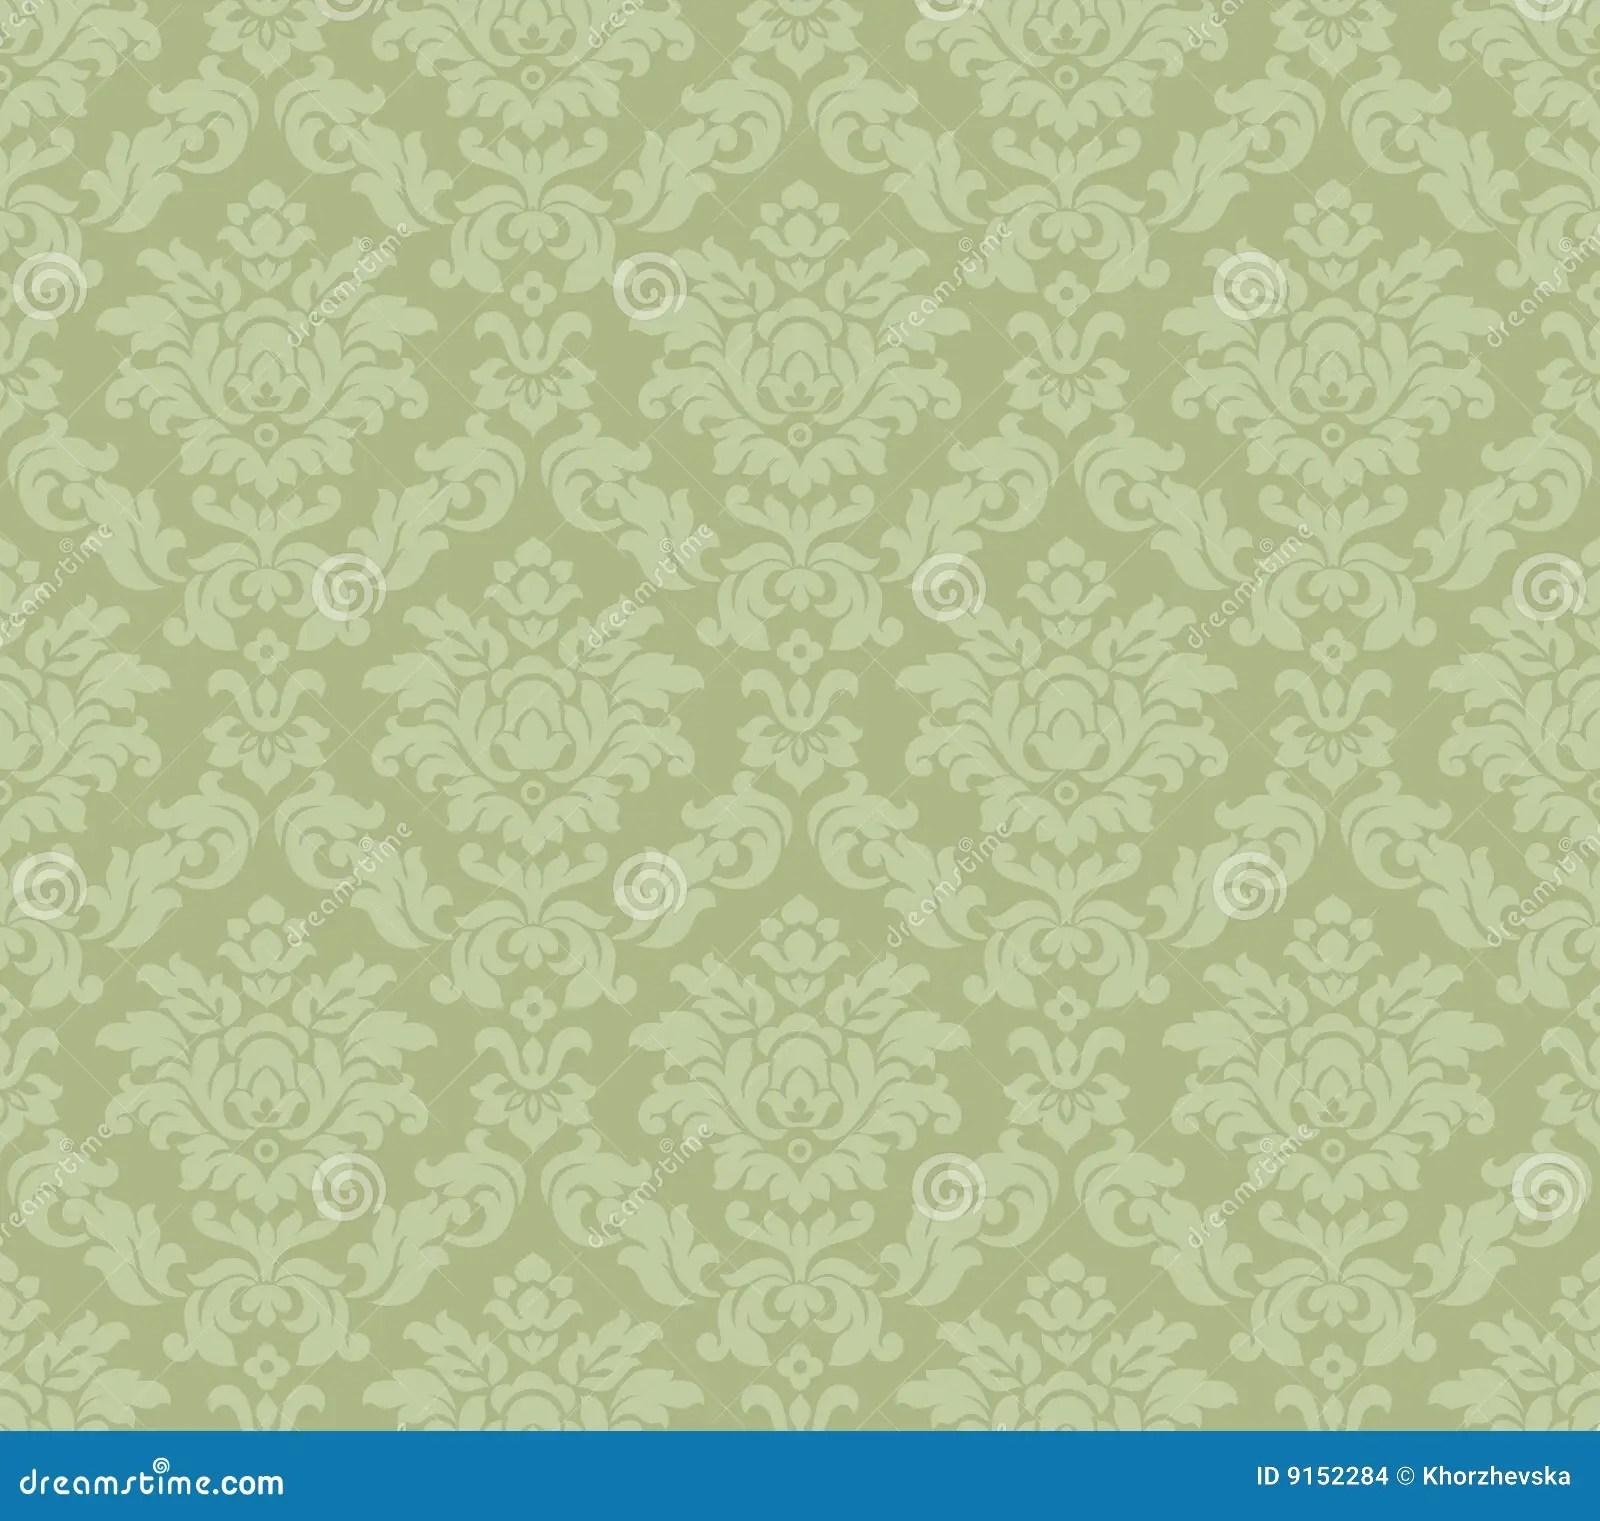 Barok Venetiaans behang vector illustratie Illustratie